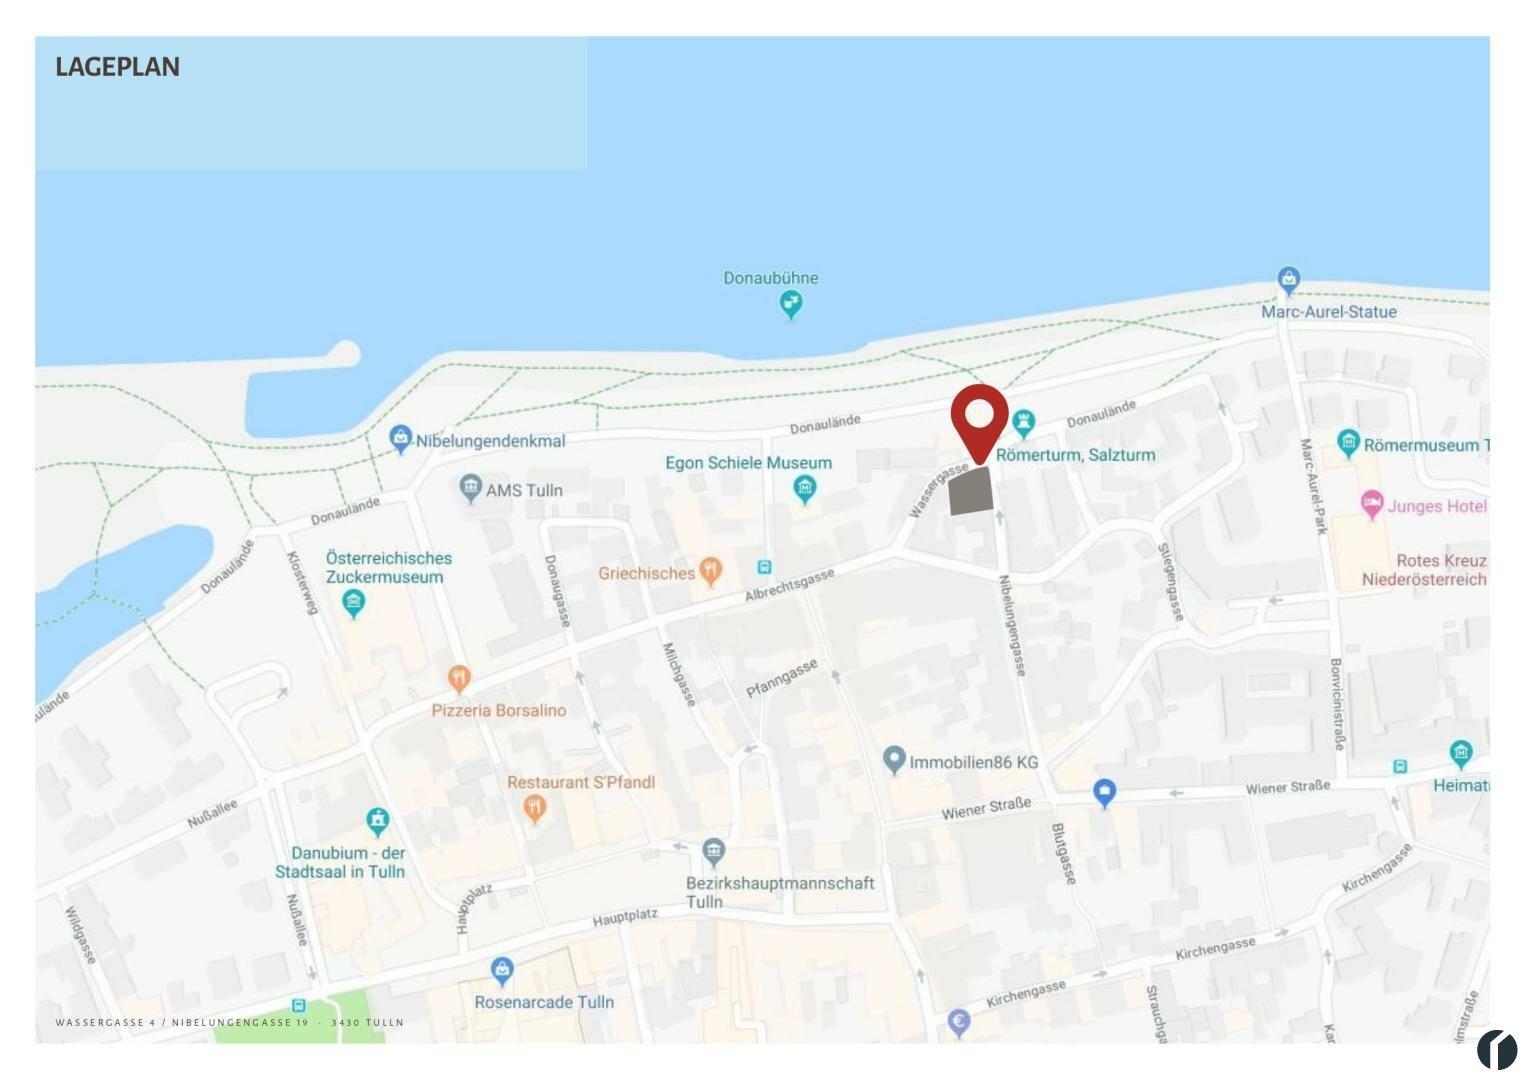 Lageplan Google Maps